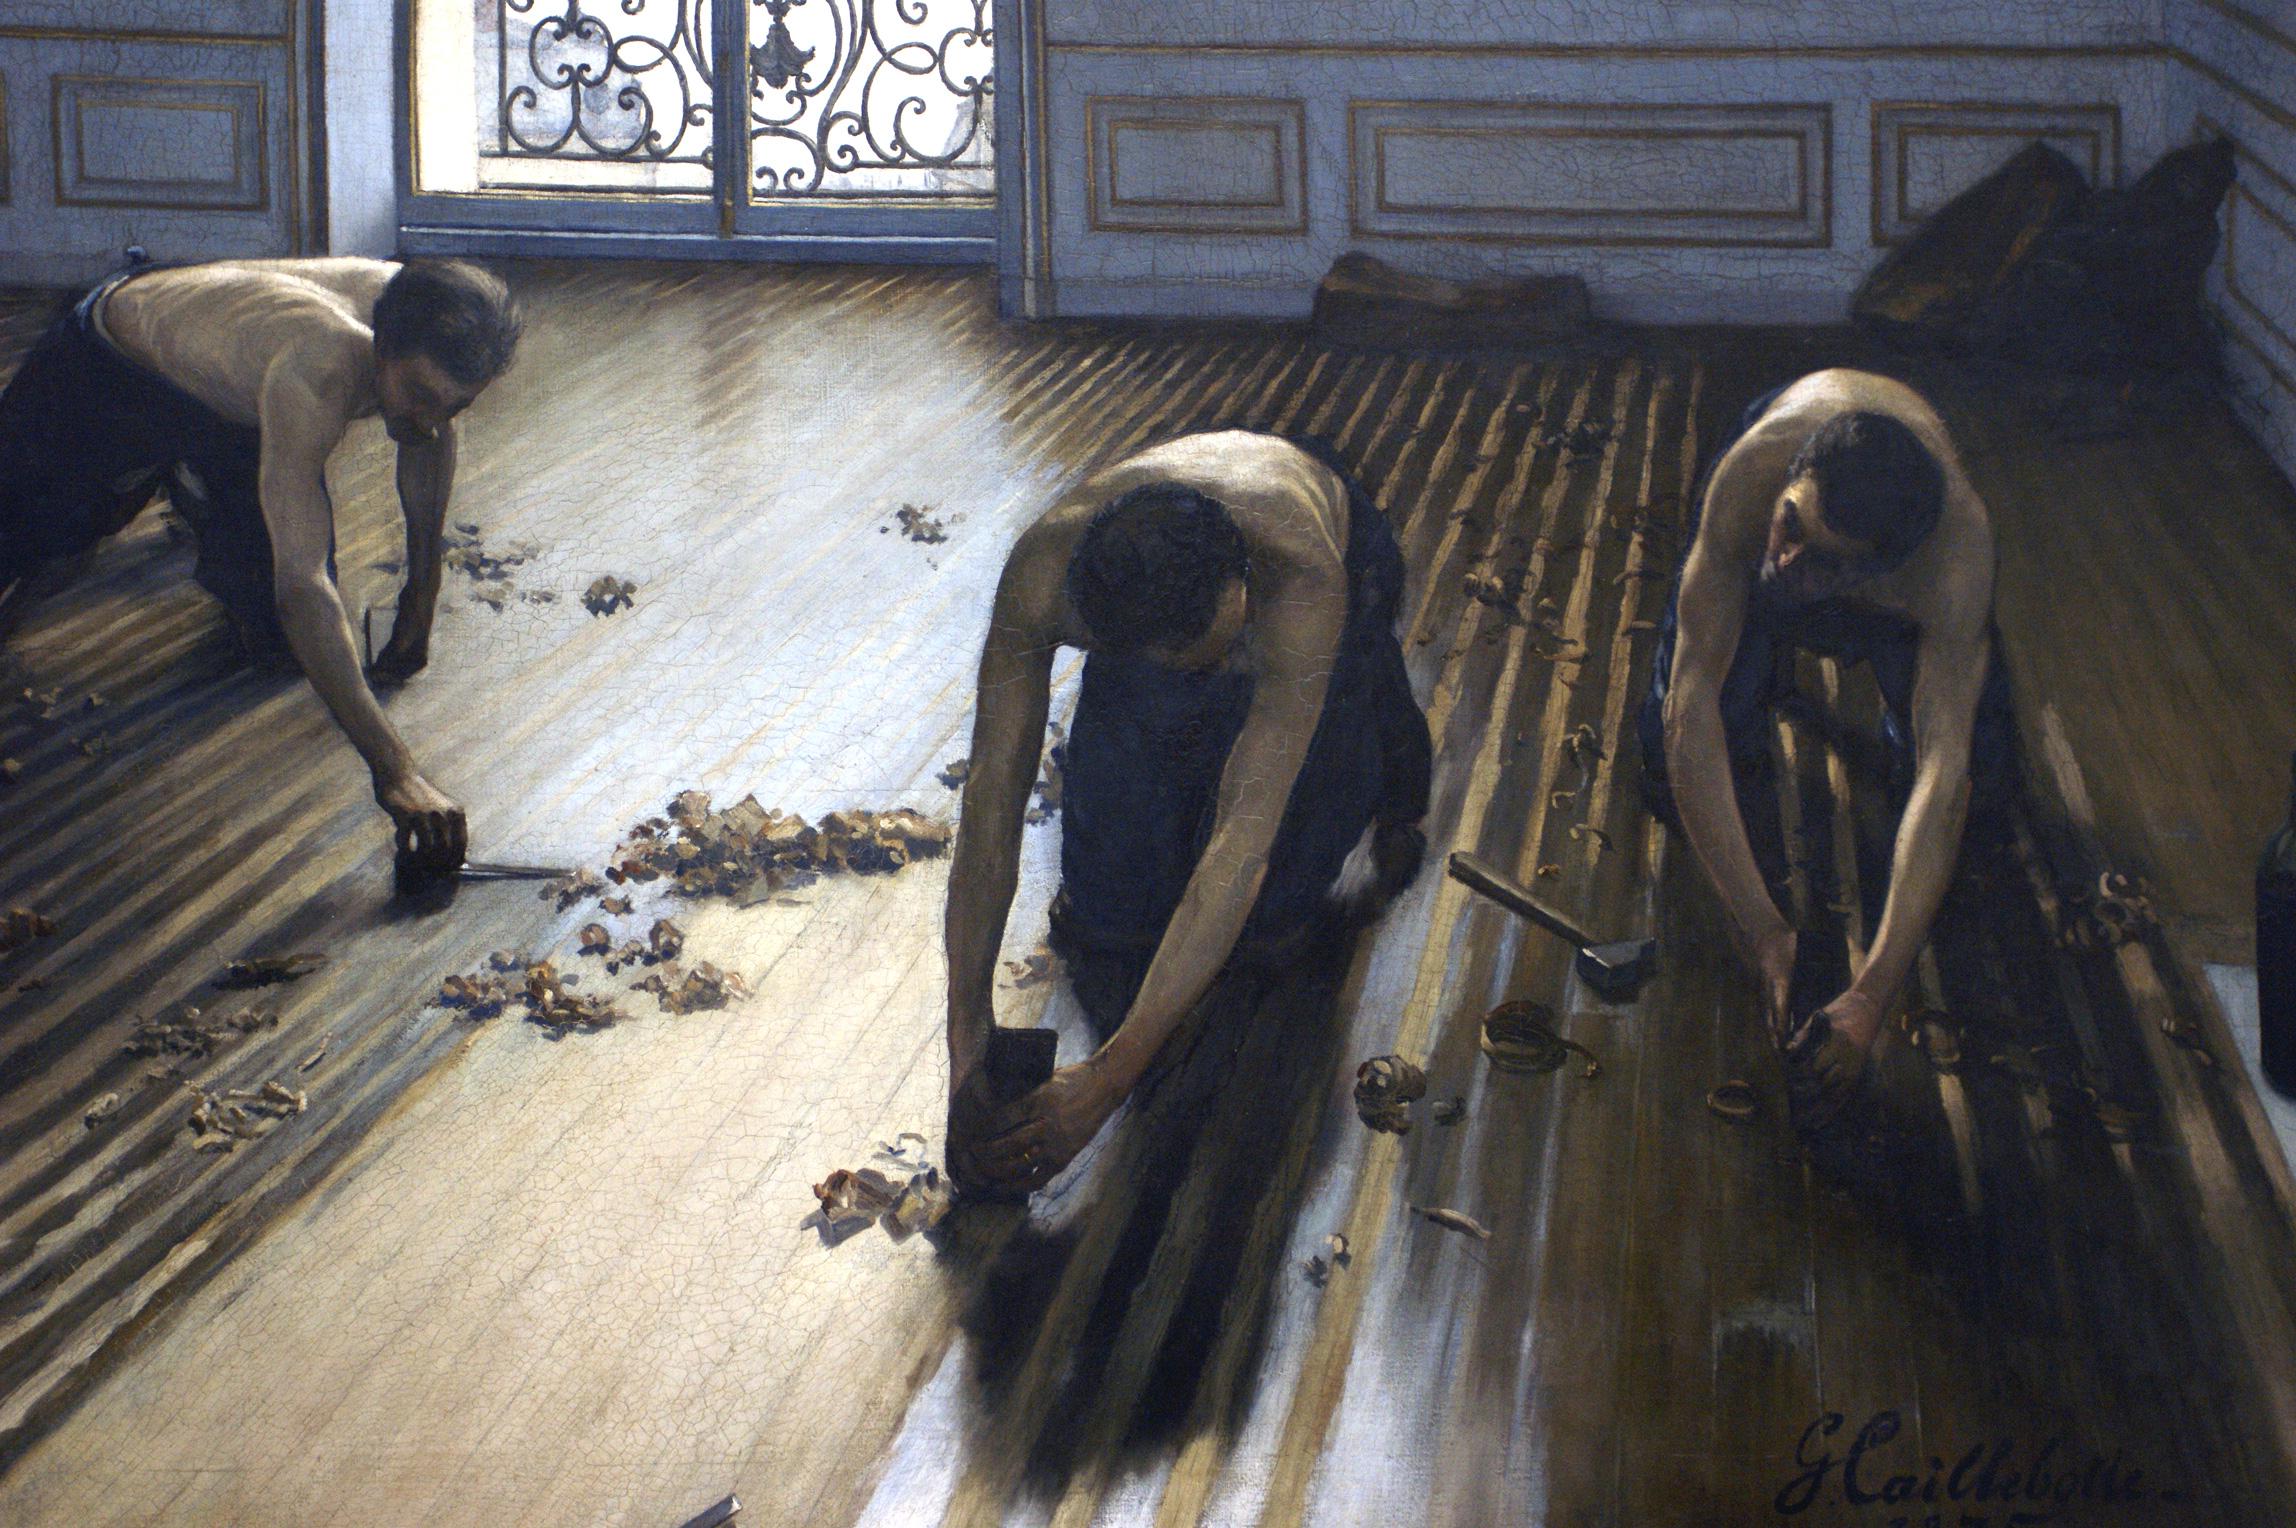 """Das impressionistische Werk """"Die Parkettabzieher"""" vom Künstler Gustave Caillebotte kannst du dir passend zu deinem neuen Boden auf posterlounge.de bestellen ;-)"""